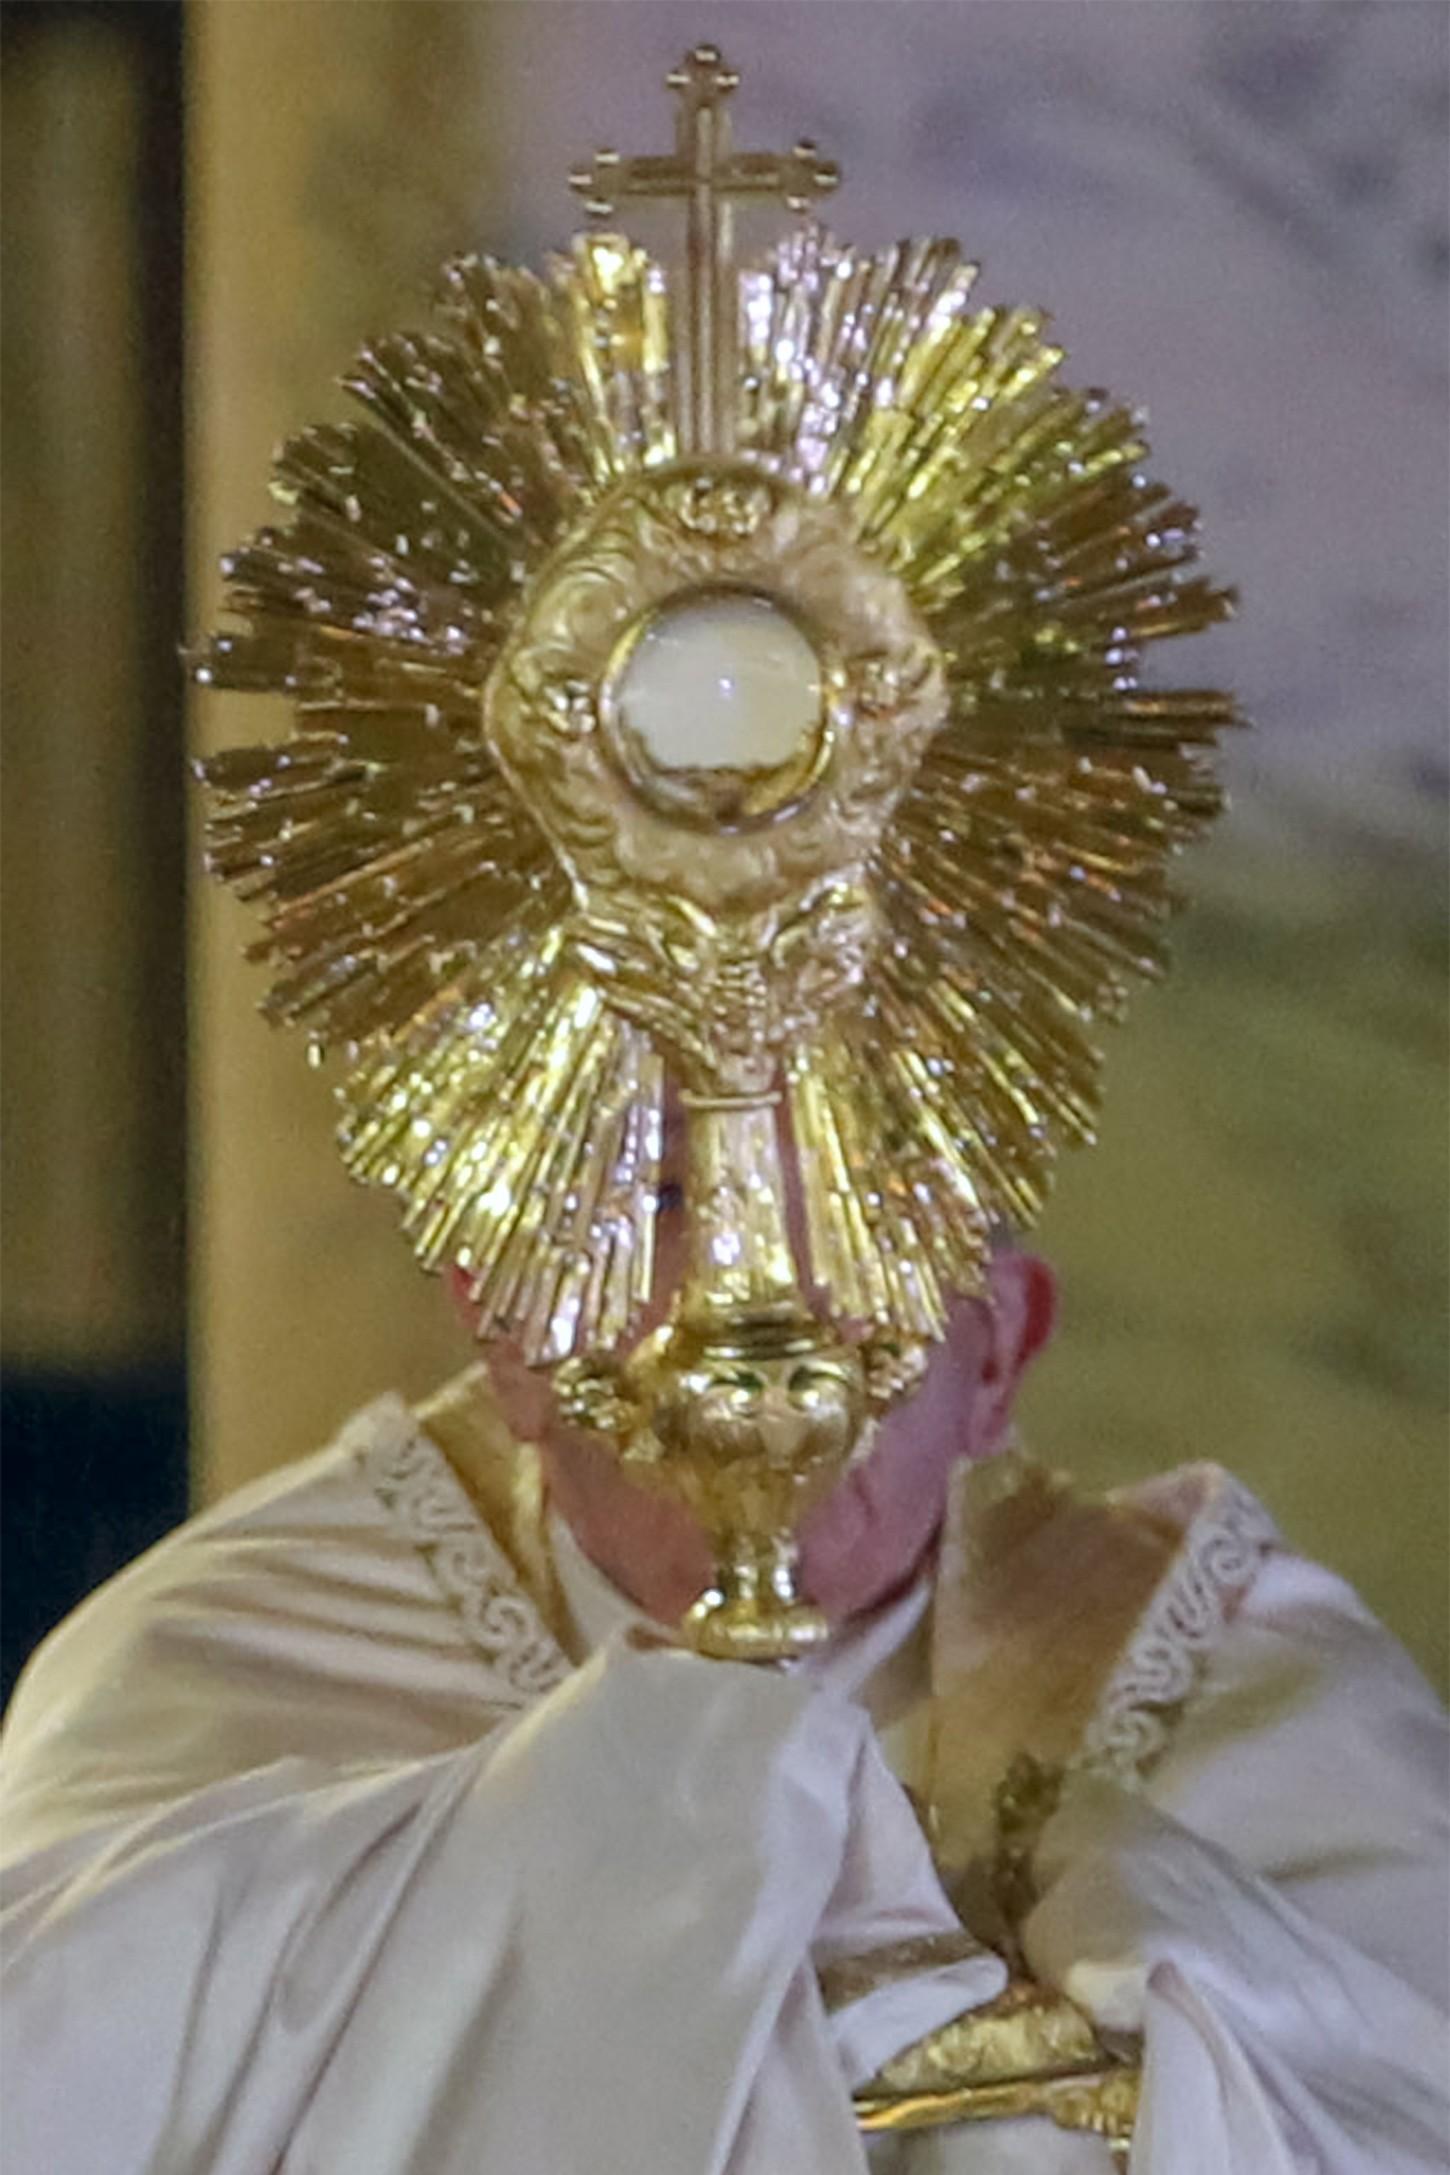 El líder religioso opinó que las personas han avanzado durante años sintiéndose